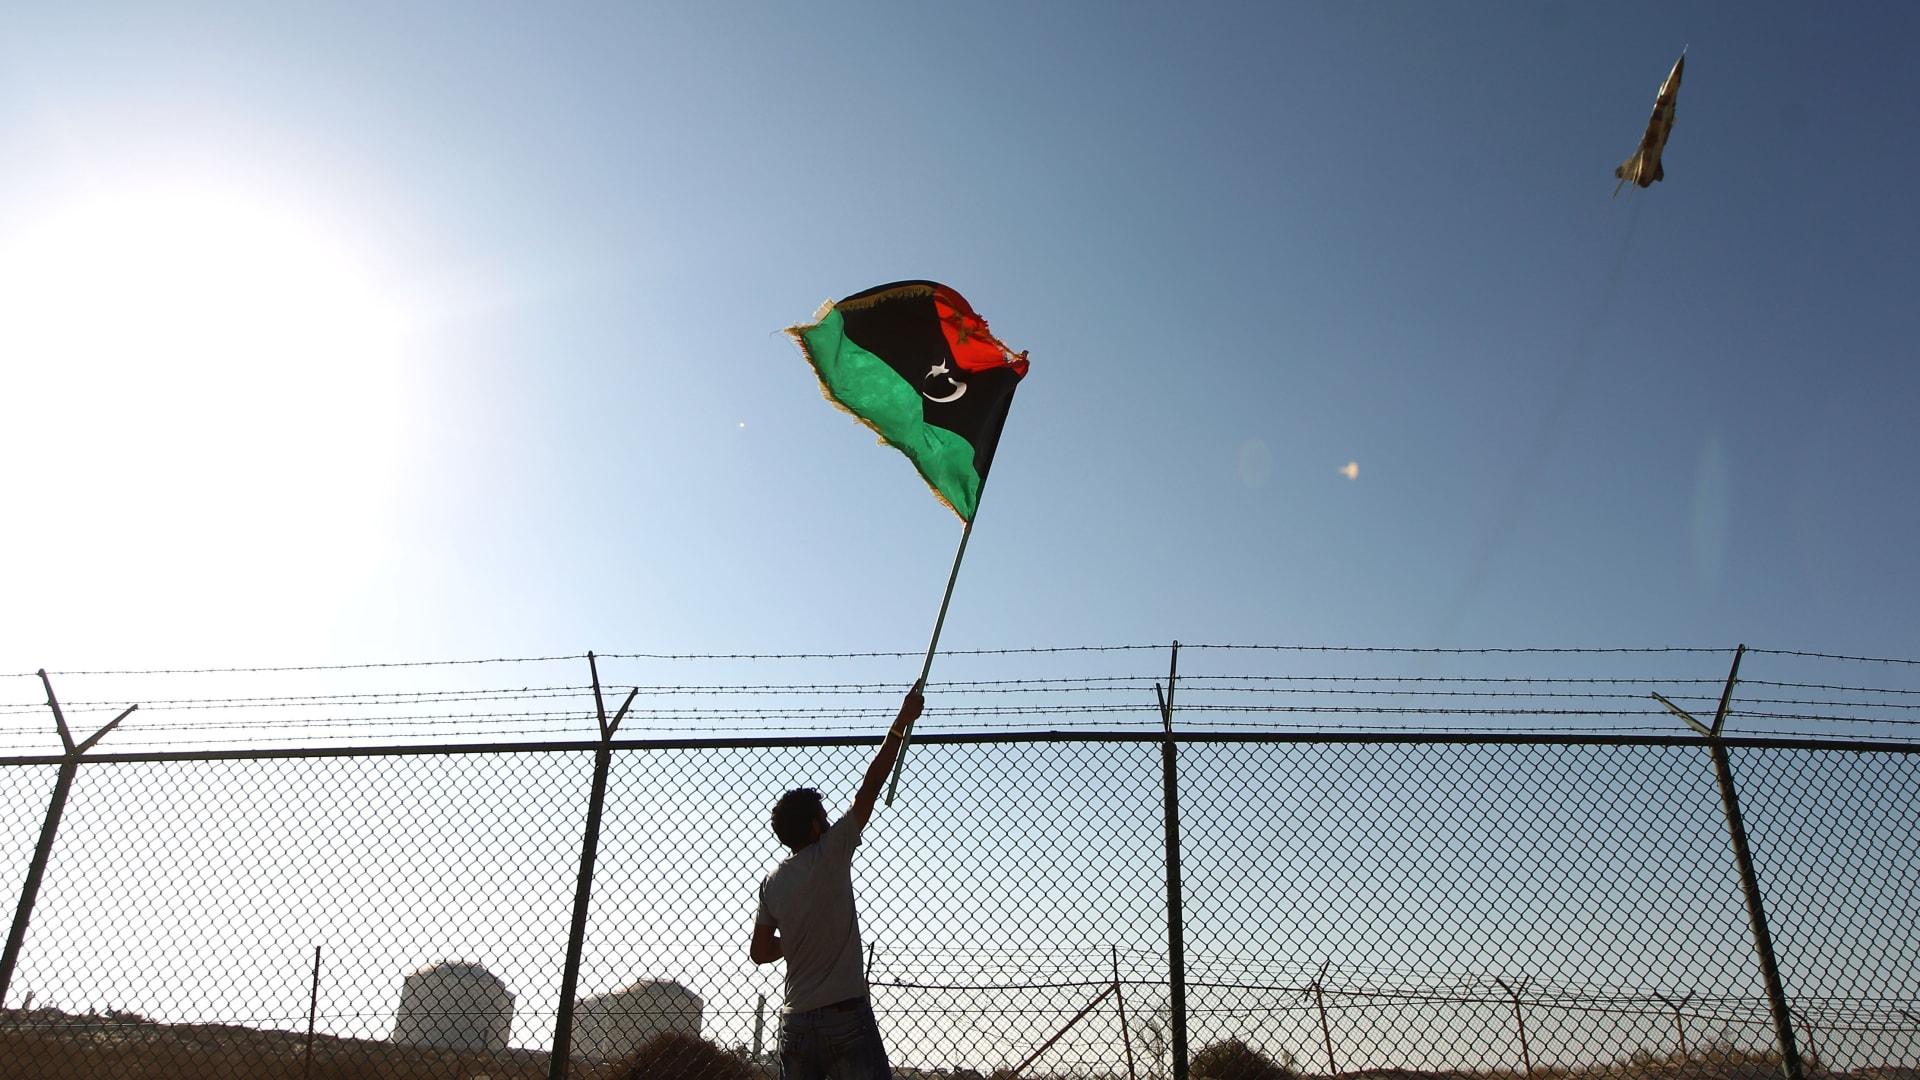 السلام في ليبيا سيدر مكاسب اقتصادية كبيرة لدول الجوار.. إليكم ما هي